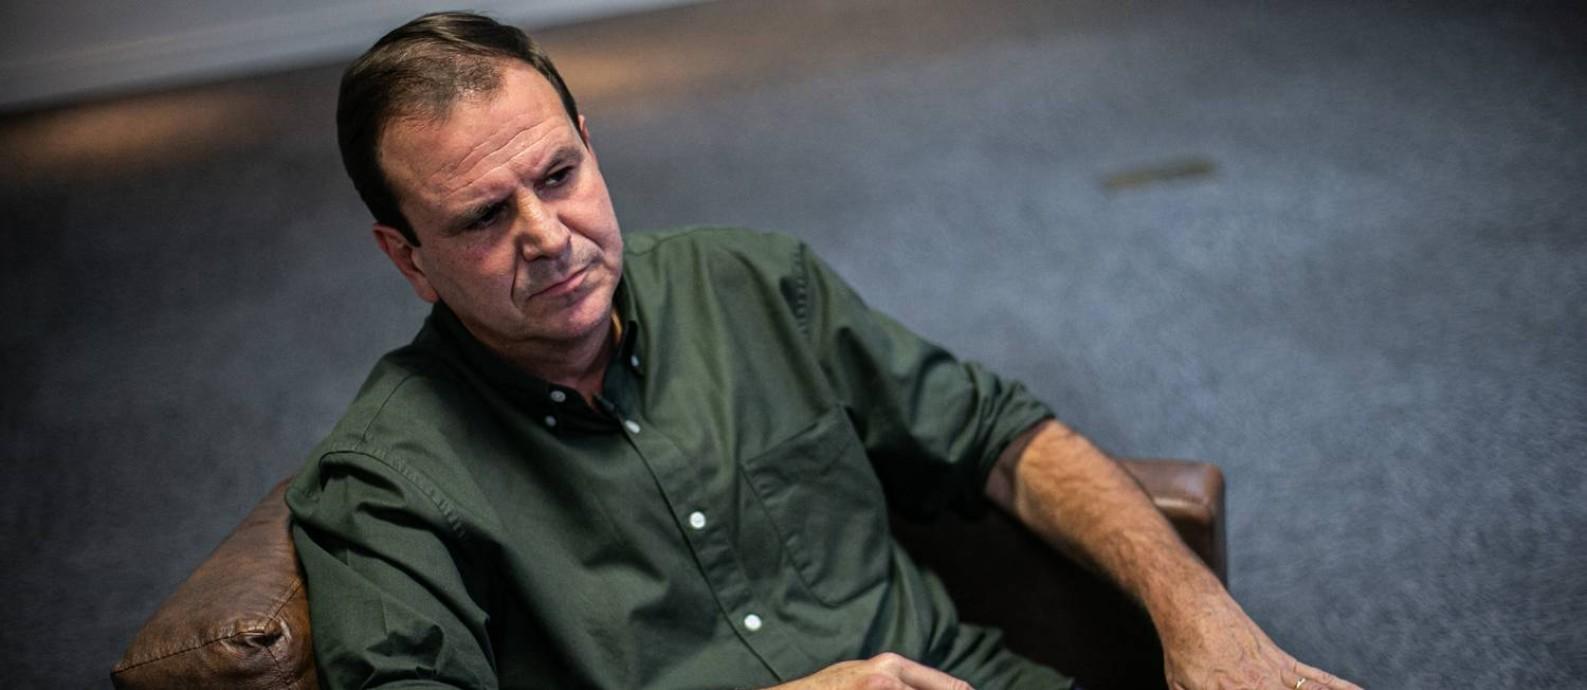 Eduardo Paes é novamente candidato à prefeitura do Rio Foto: Hermes de Paula / Agência O Globo